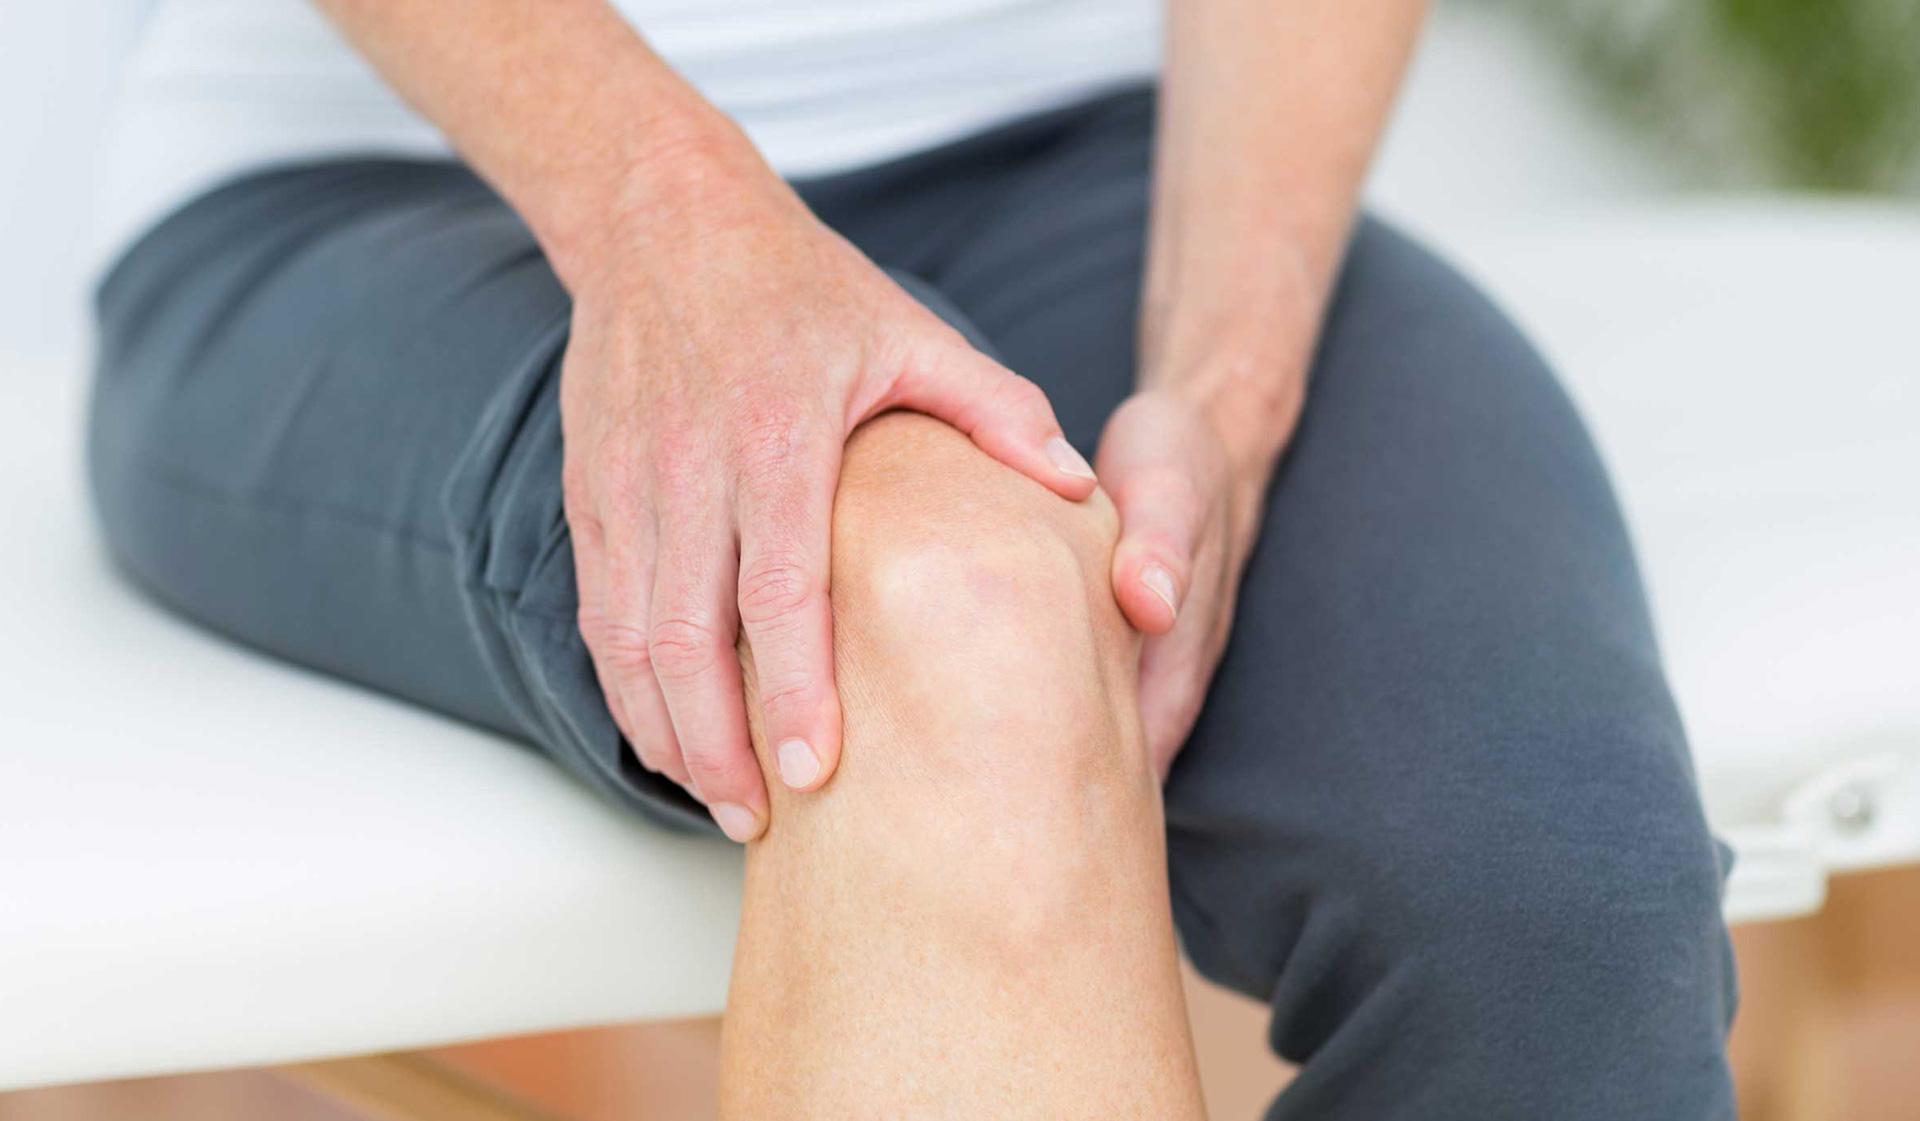 Tràn dịch khớp gối là gì? Tại sao chấn thương lại dẫn đến tràn dịch khớp gối? 1